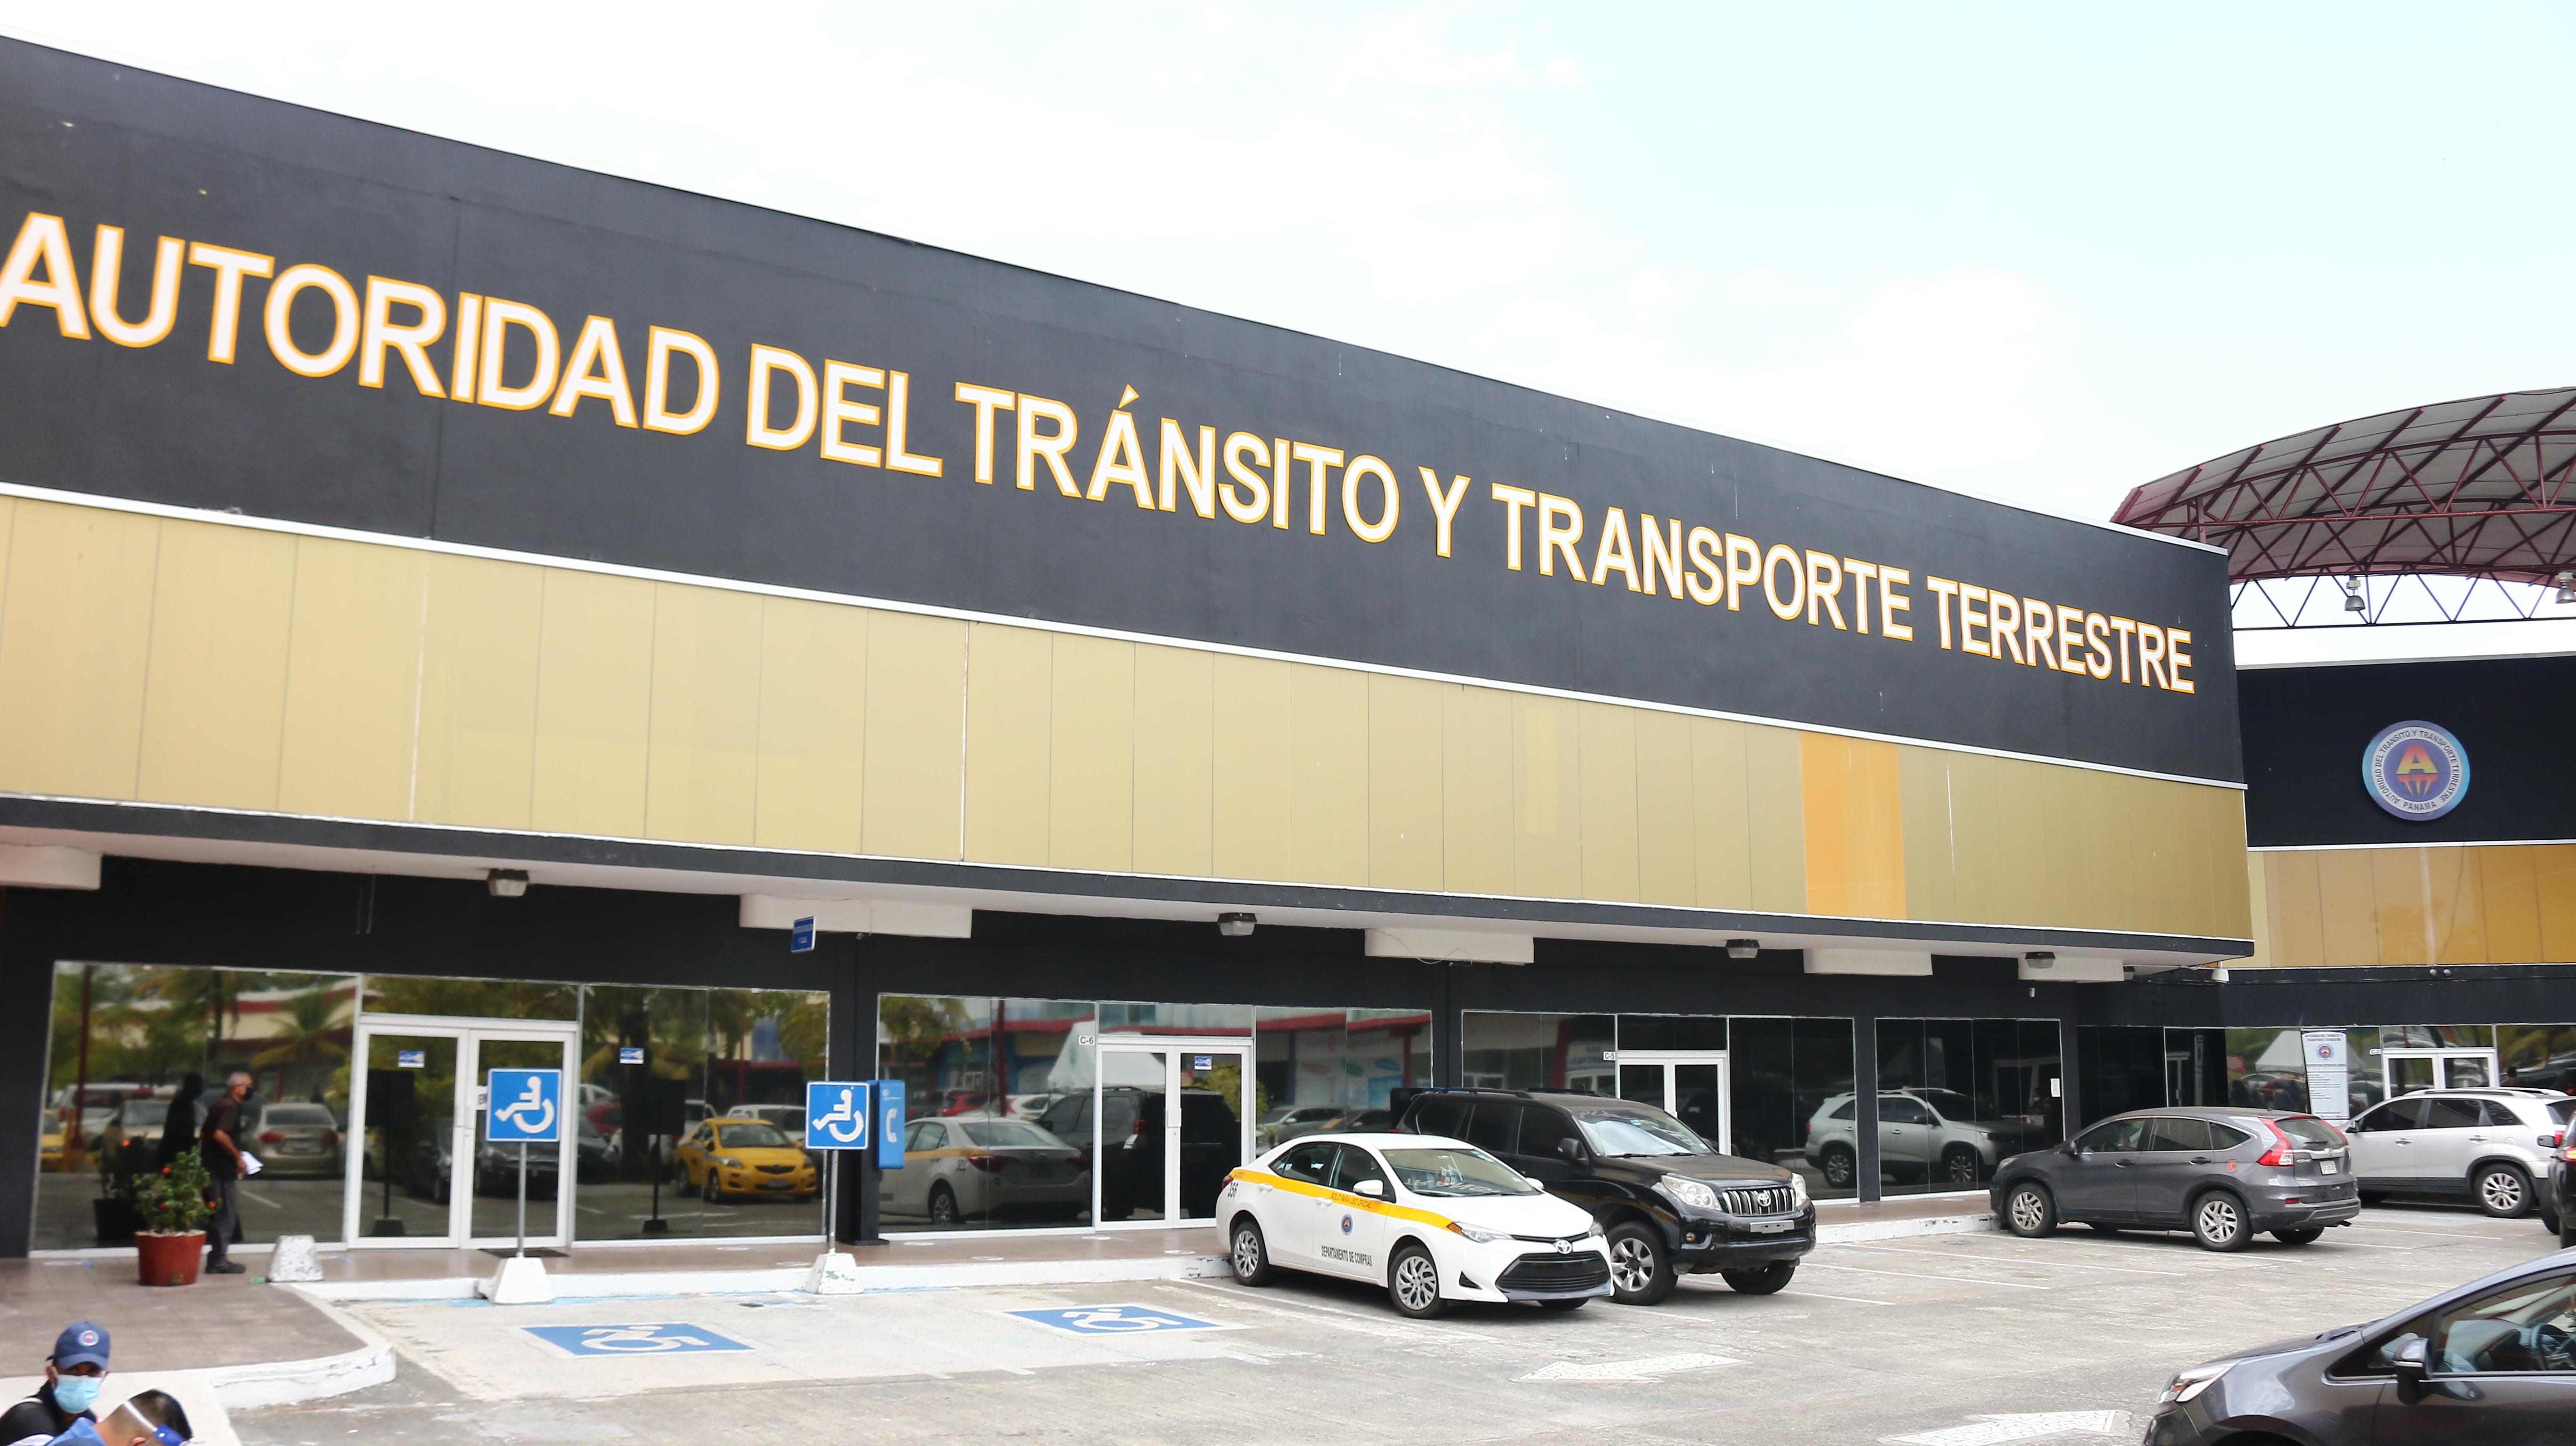 Sede de la Autoridad del Tránsito y Transporte Terrestre